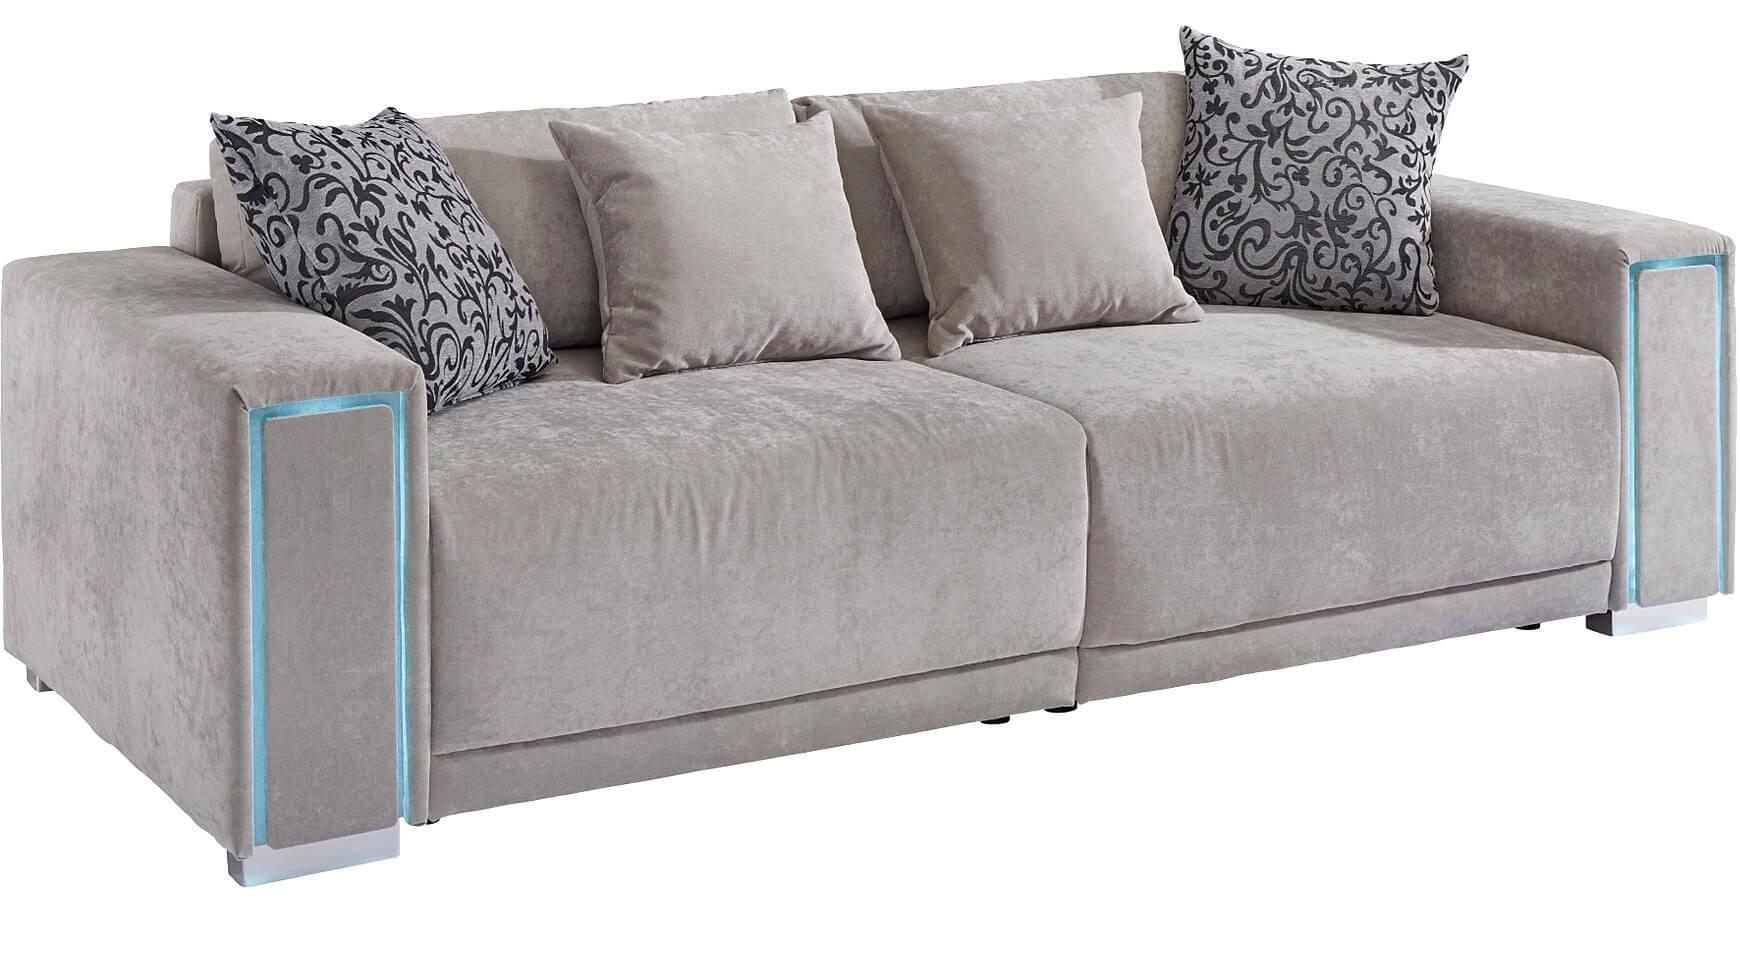 Full Size of Sofa Auf Raten Xxl Couch Extragroe Sofas Bestellen Bei Cnouchde Blaues De Sede Ewald Schillig Husse überwurf Regale Kaufen Big Poco Delife Innovation Berlin Sofa Sofa Auf Raten